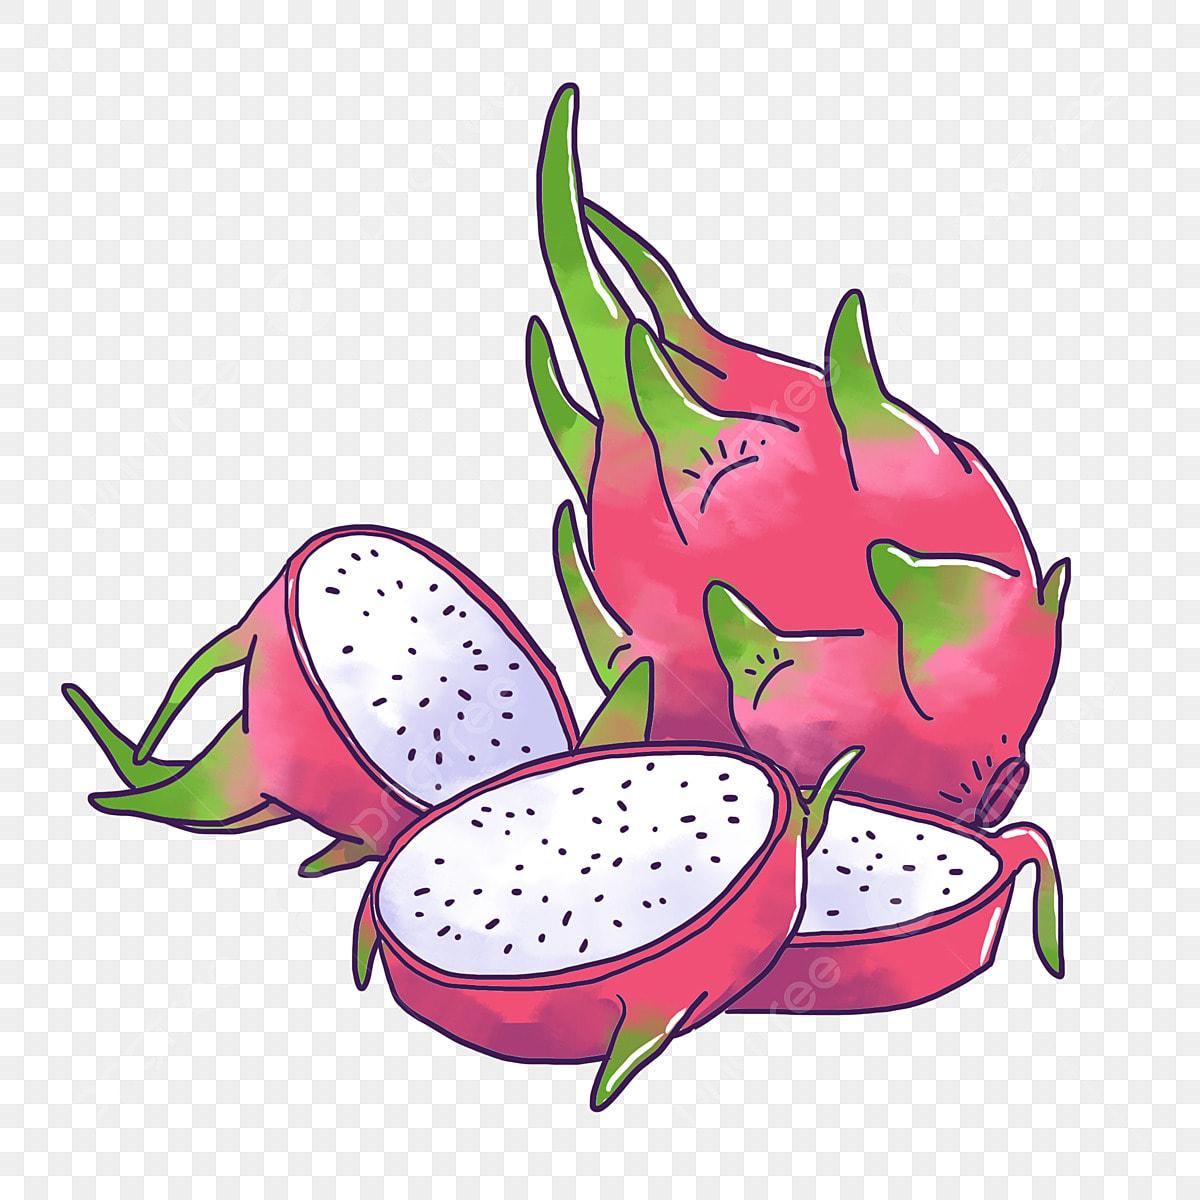 драконий фрукт картинки нарисовать передать